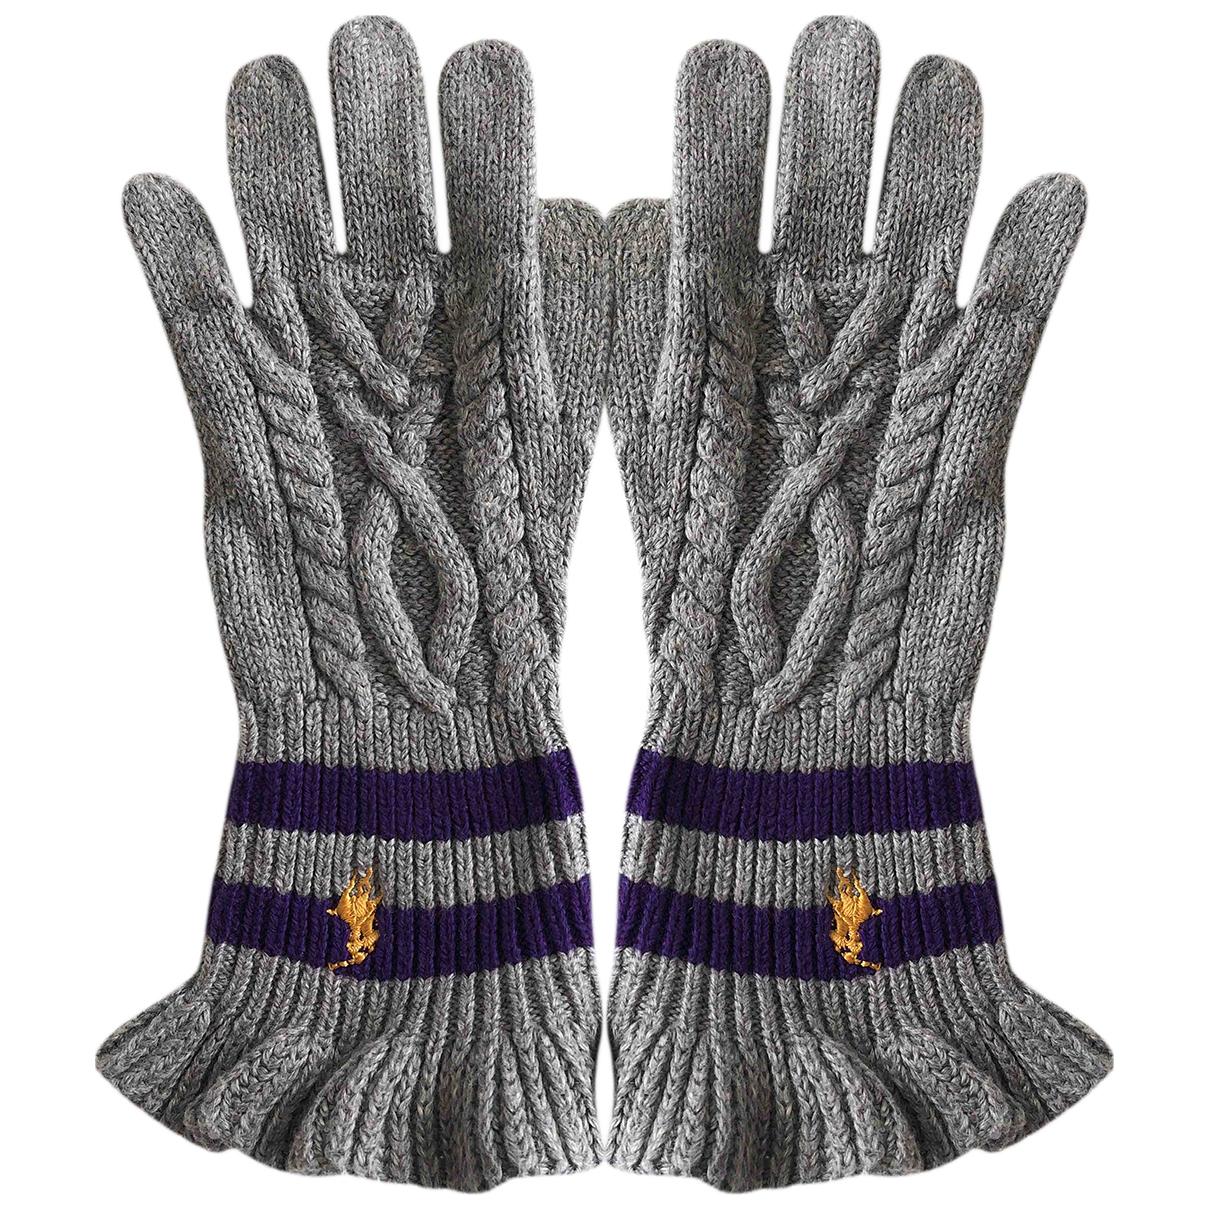 Polo Ralph Lauren \N Hut, Muetzen, Handschuhe in  Grau Wolle